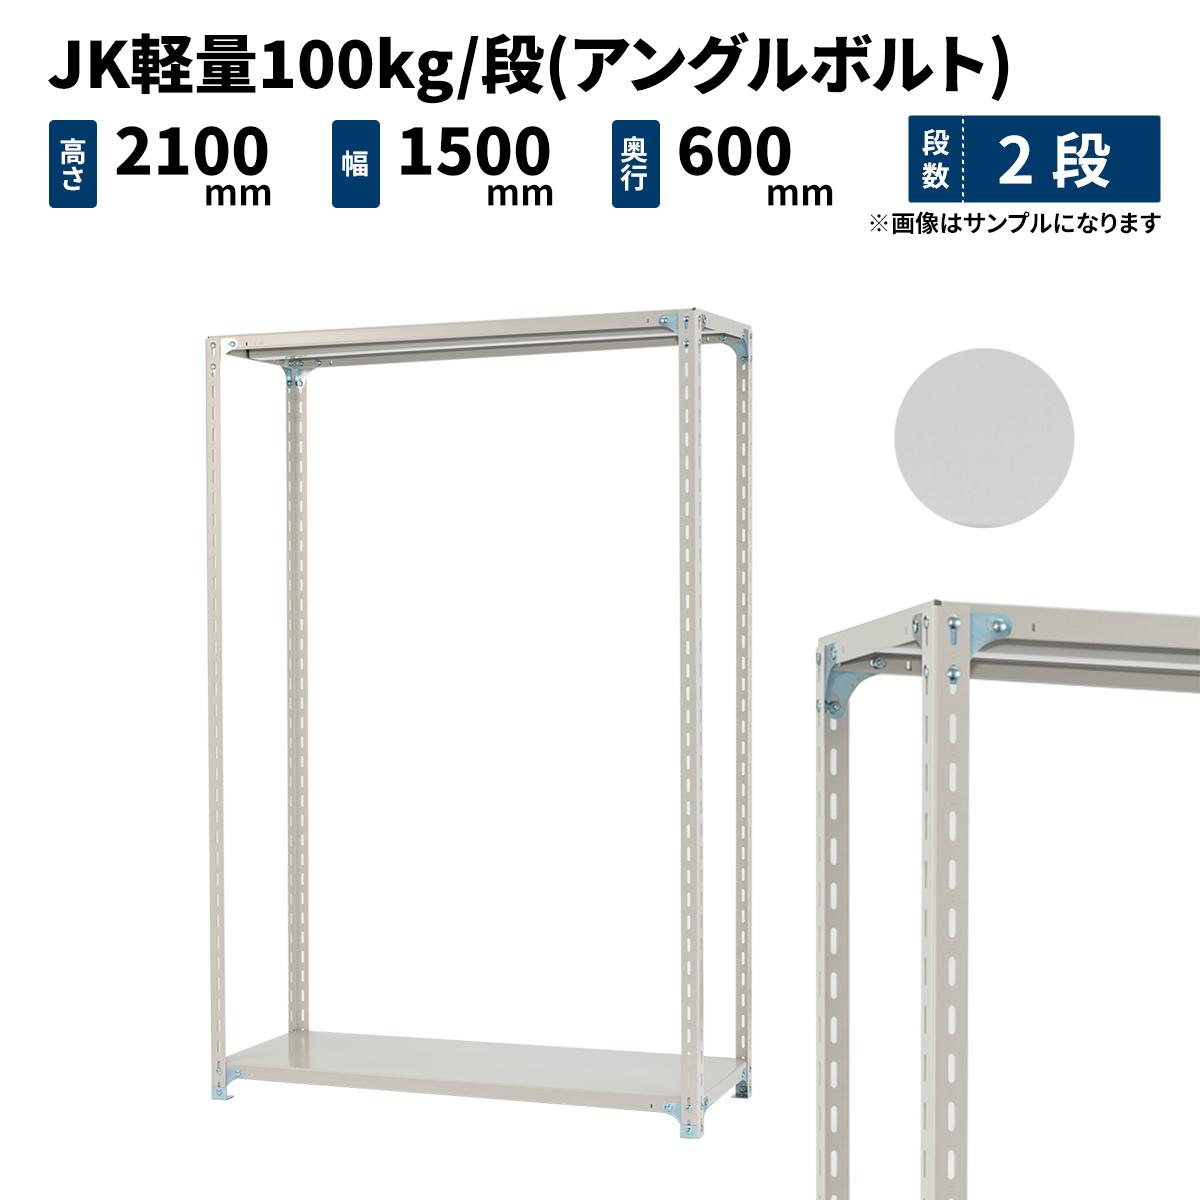 スチールラック 業務用 JK軽量100kg/段(アングルボルト) 高さ2100×幅1500×奥行600mm 2段 ホワイトグレー (30kg) JK100BT-211506-2